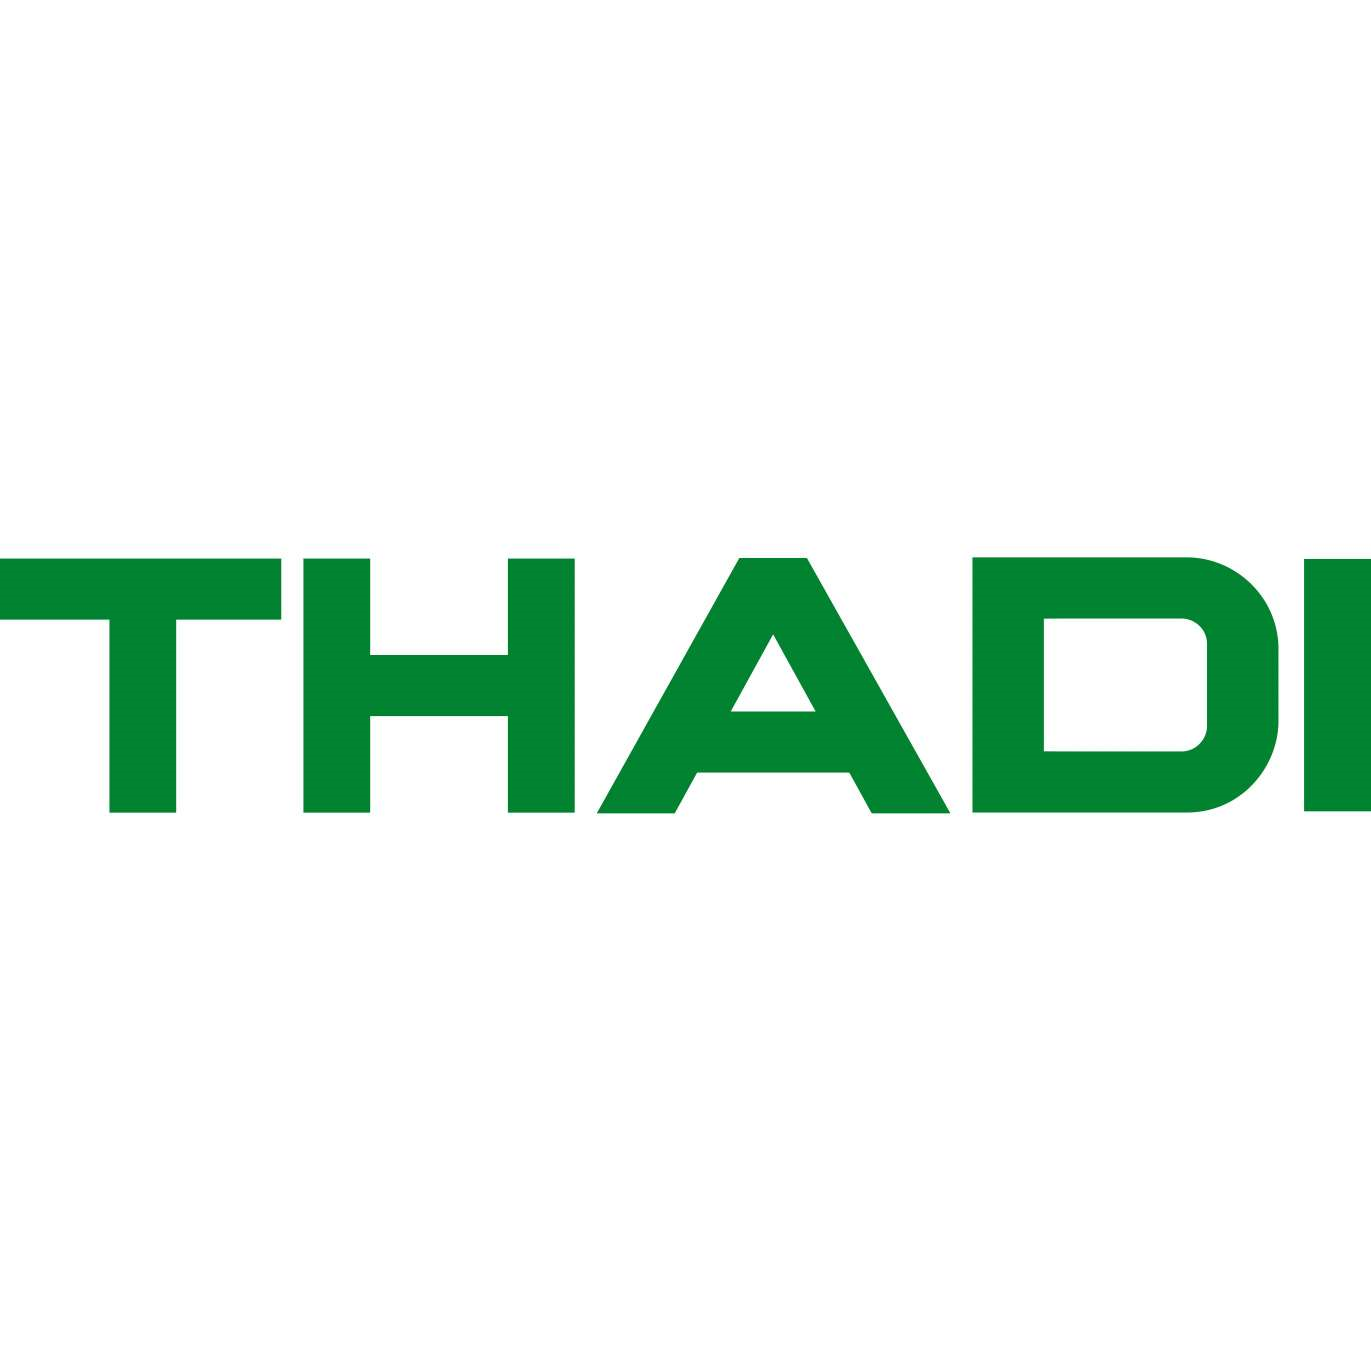 Logo VPĐD Tp.HCM Công Ty Cổ Phần Sản Xuất Chế Biến Và Phân Phối Nông Nghiệp Thadi